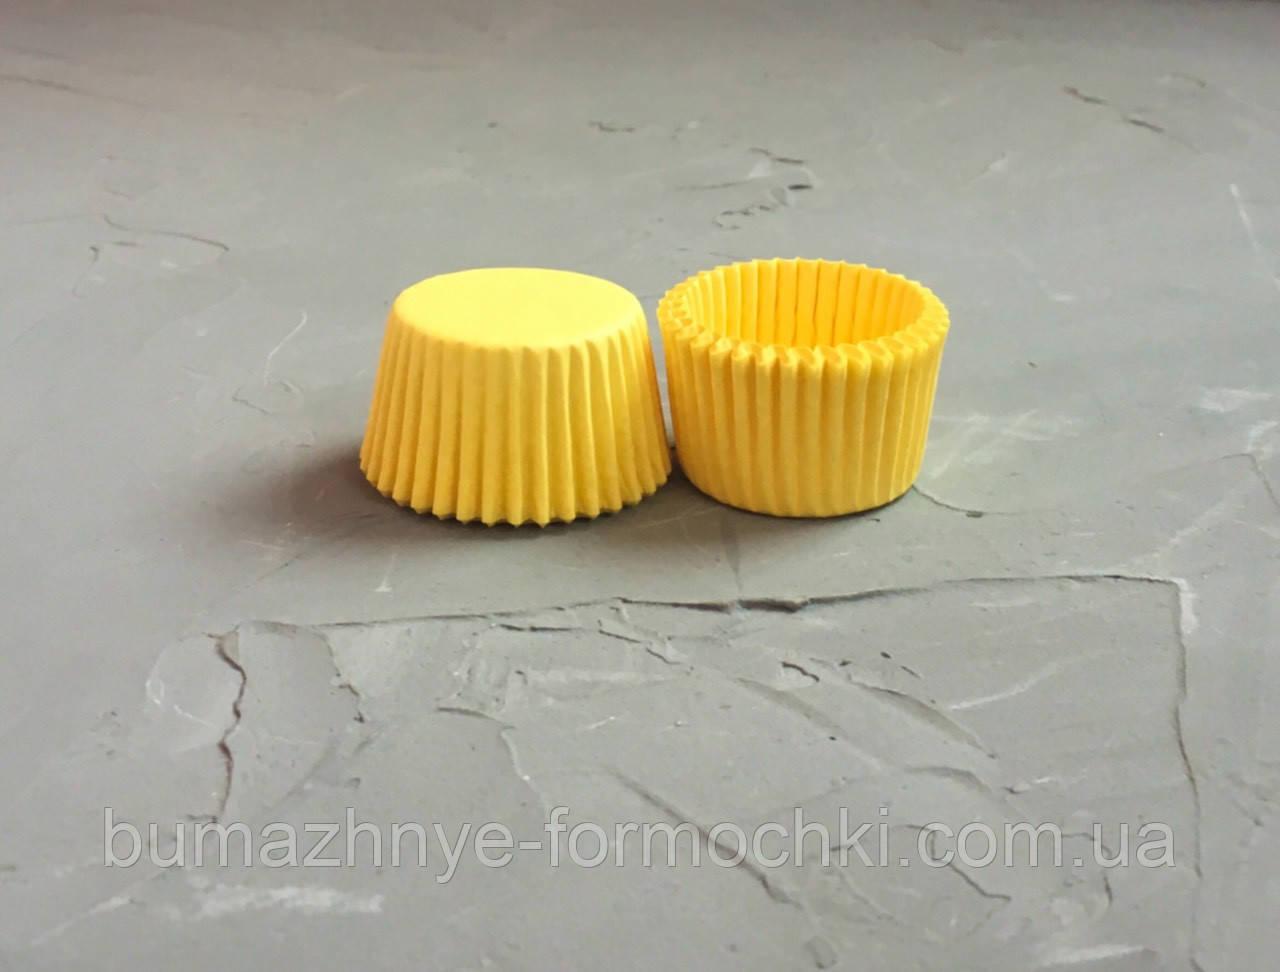 Бумажные одноразовые формочки для конфет желтый, 30х24 мм (500 шт)